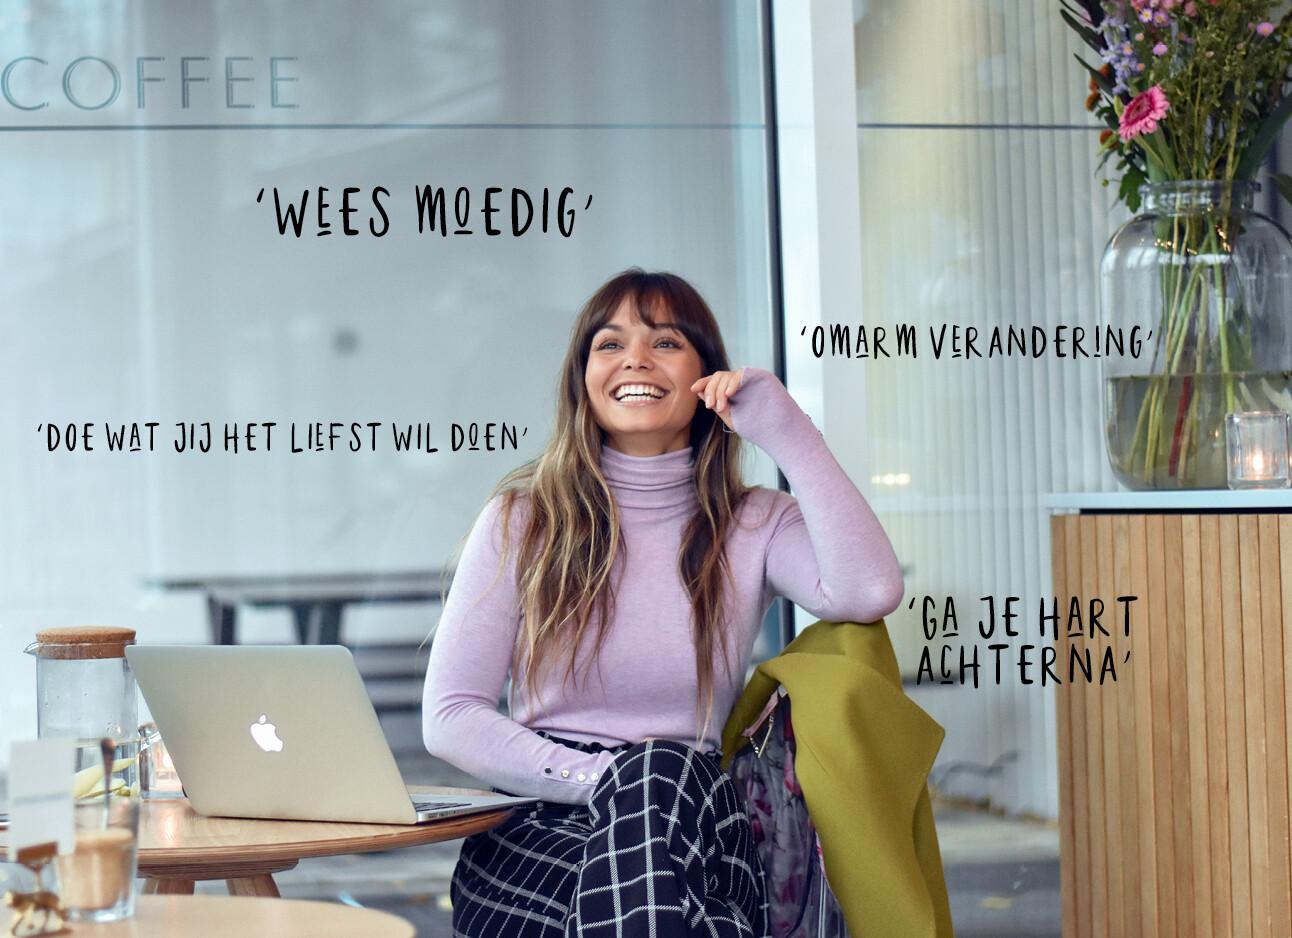 kiki lachend in een koffie tentje met haar laptop